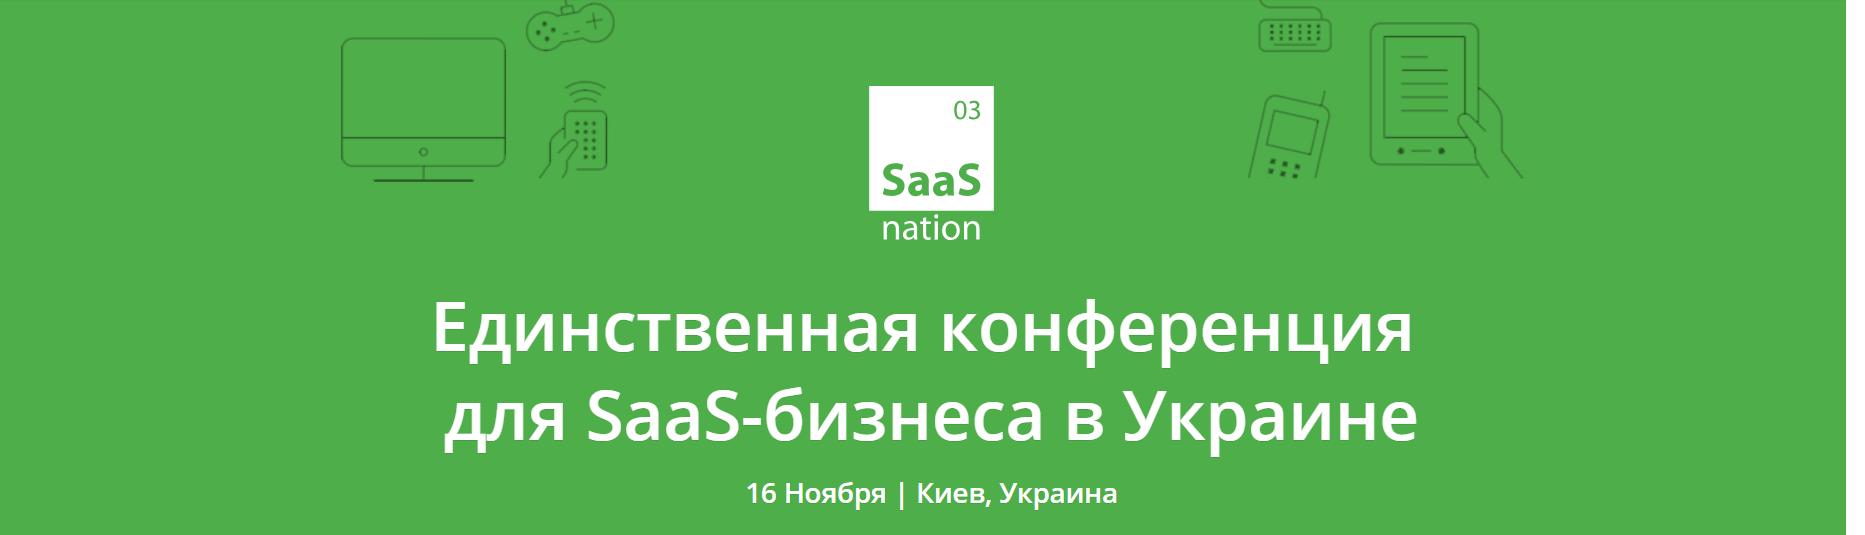 SaaS Nation 2018